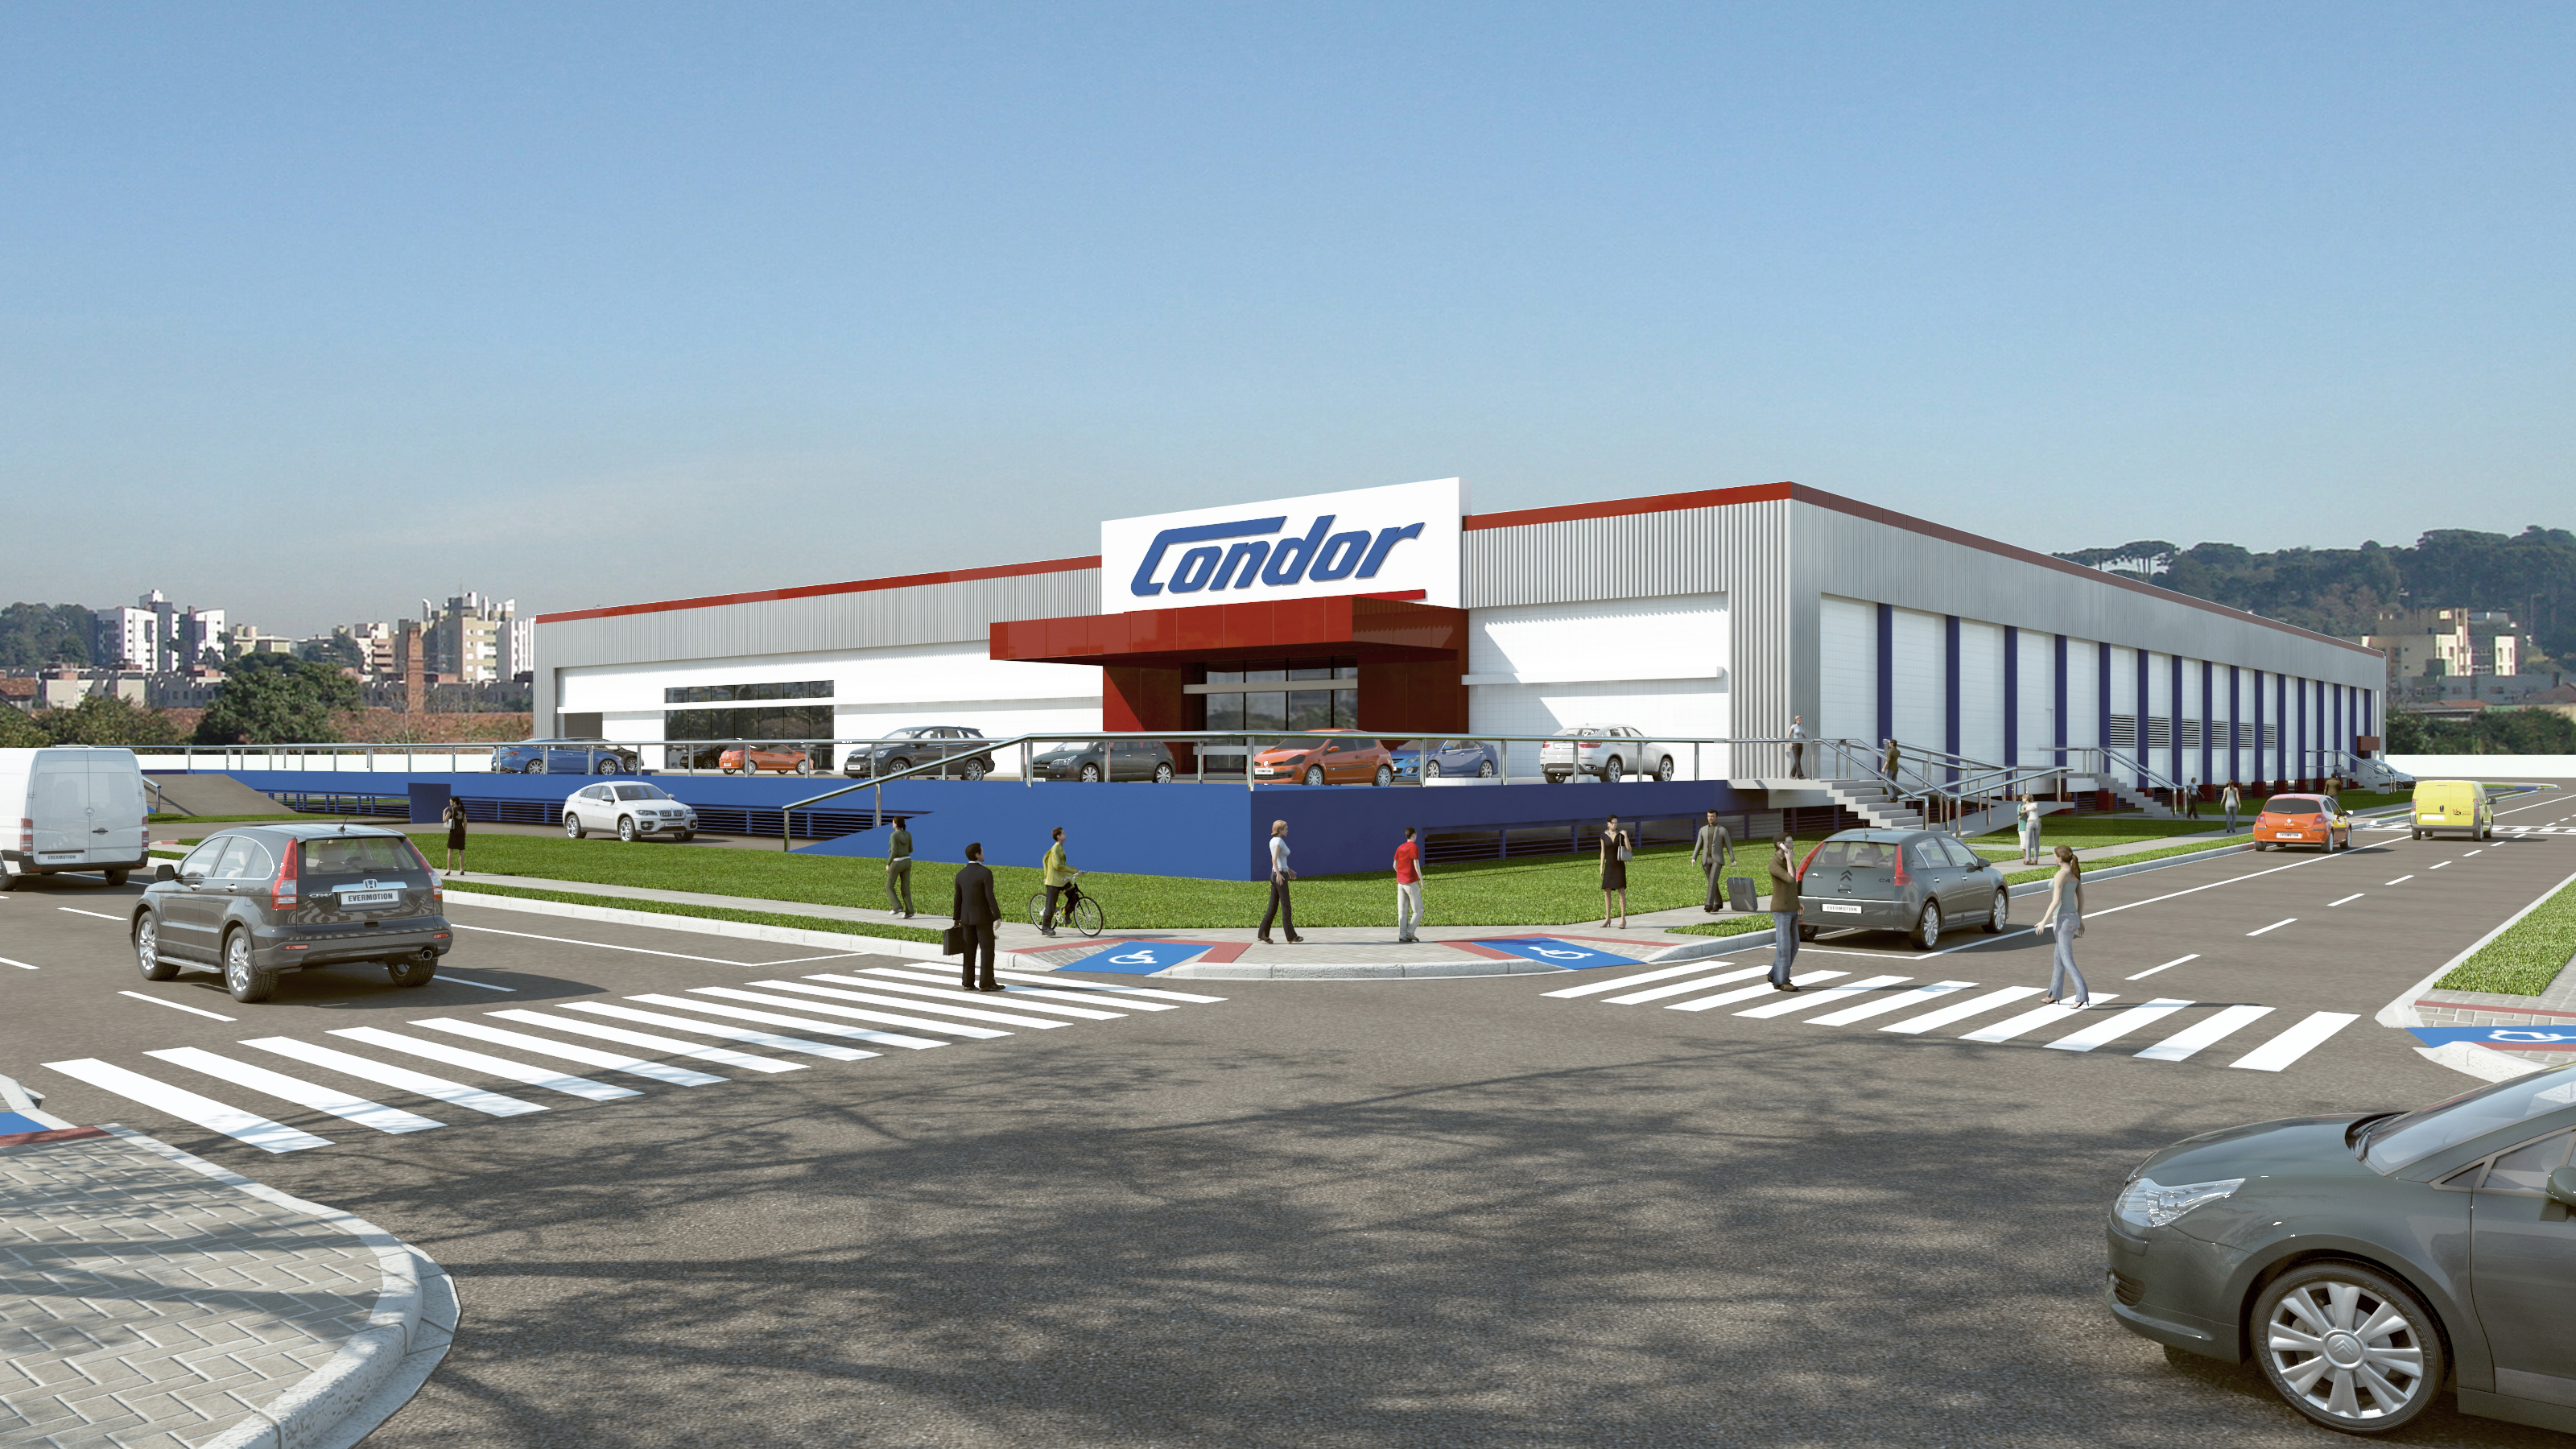 23db12ef7 Condor inaugura supermercado com tecnologia inédita na América do Sul